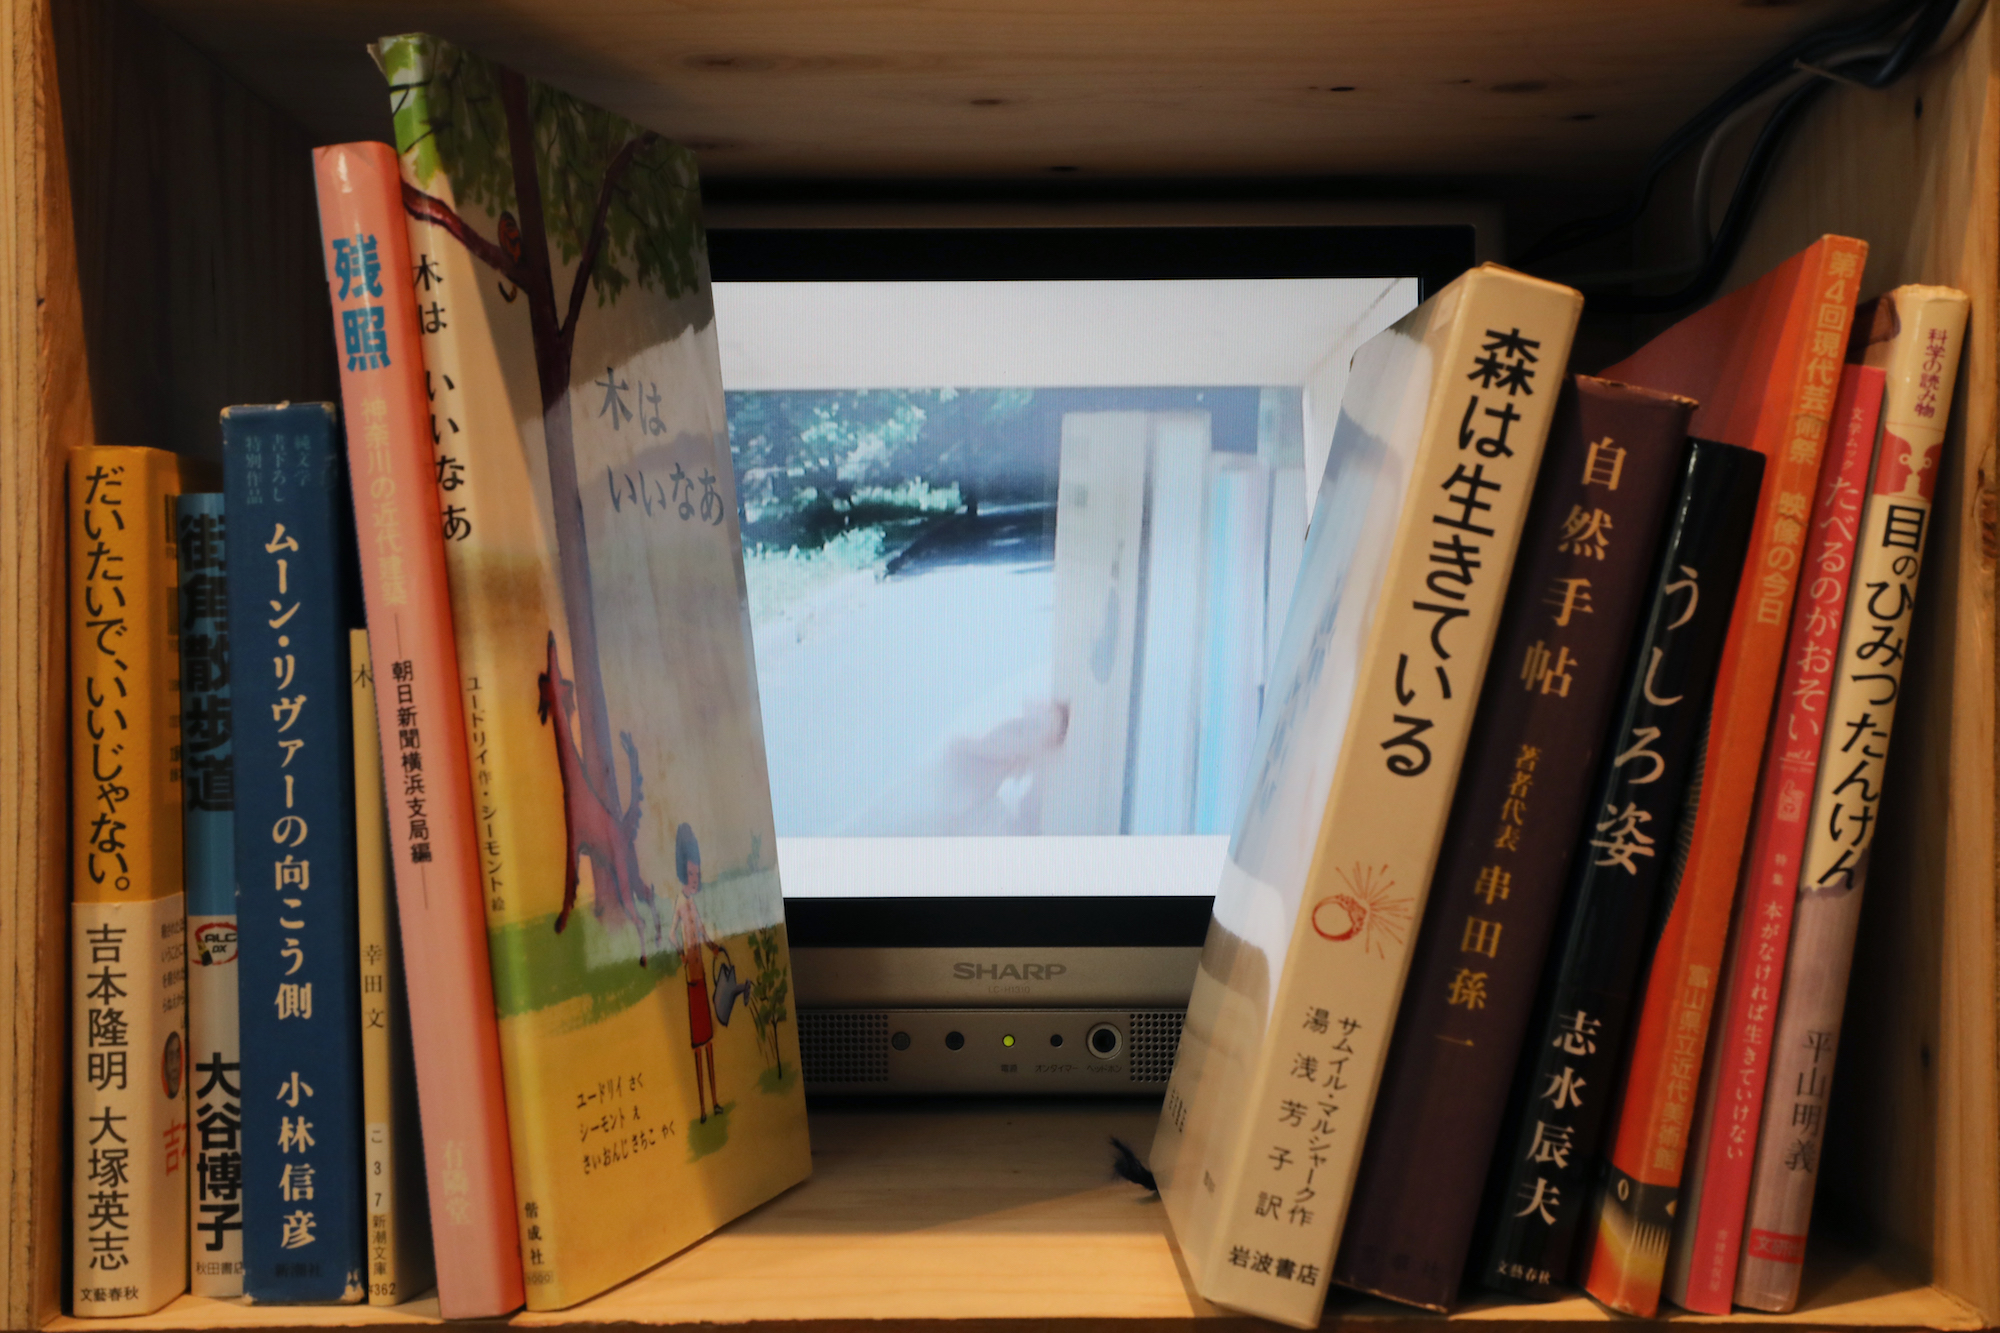 長田雛子 小林椋 二人展「無・ねじらない」2017.5.2-14 ©︎ コ本や honkbooks